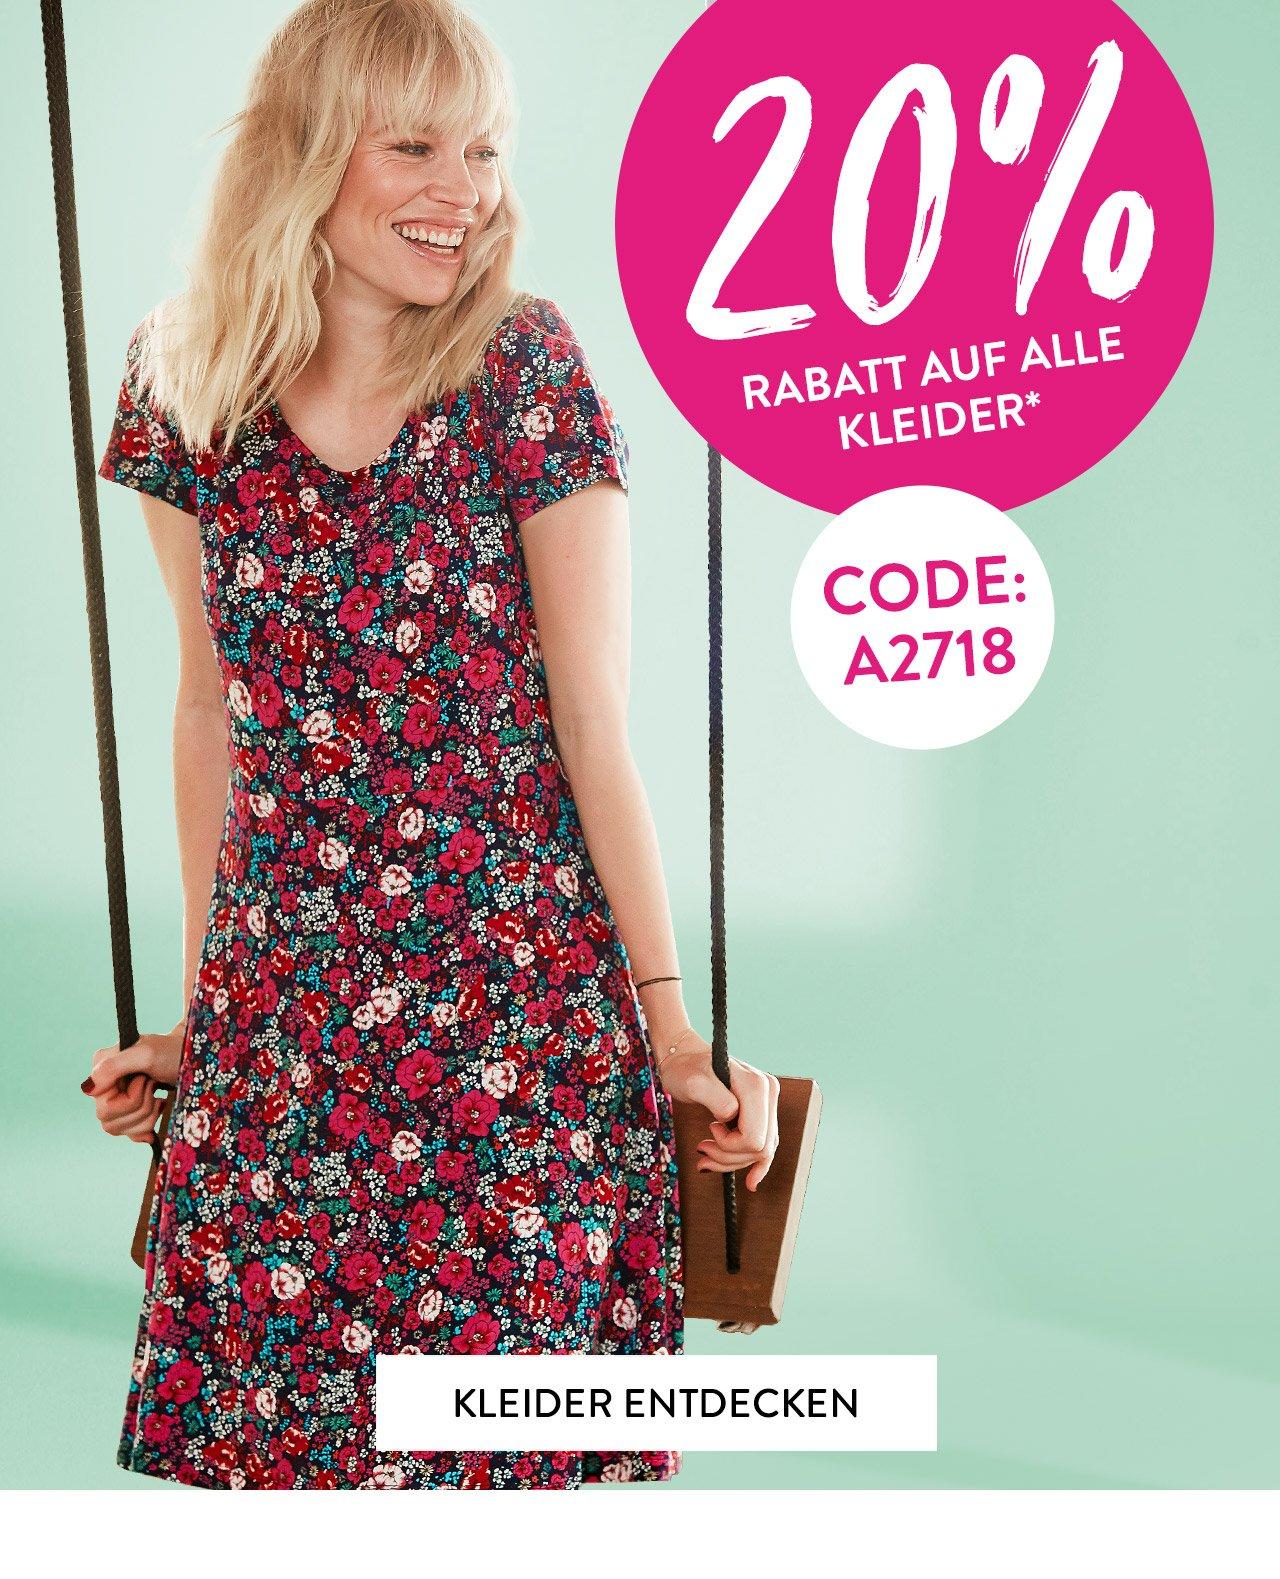 adler moden: 👗 20% auf alle kleider, lieber kunde! | milled